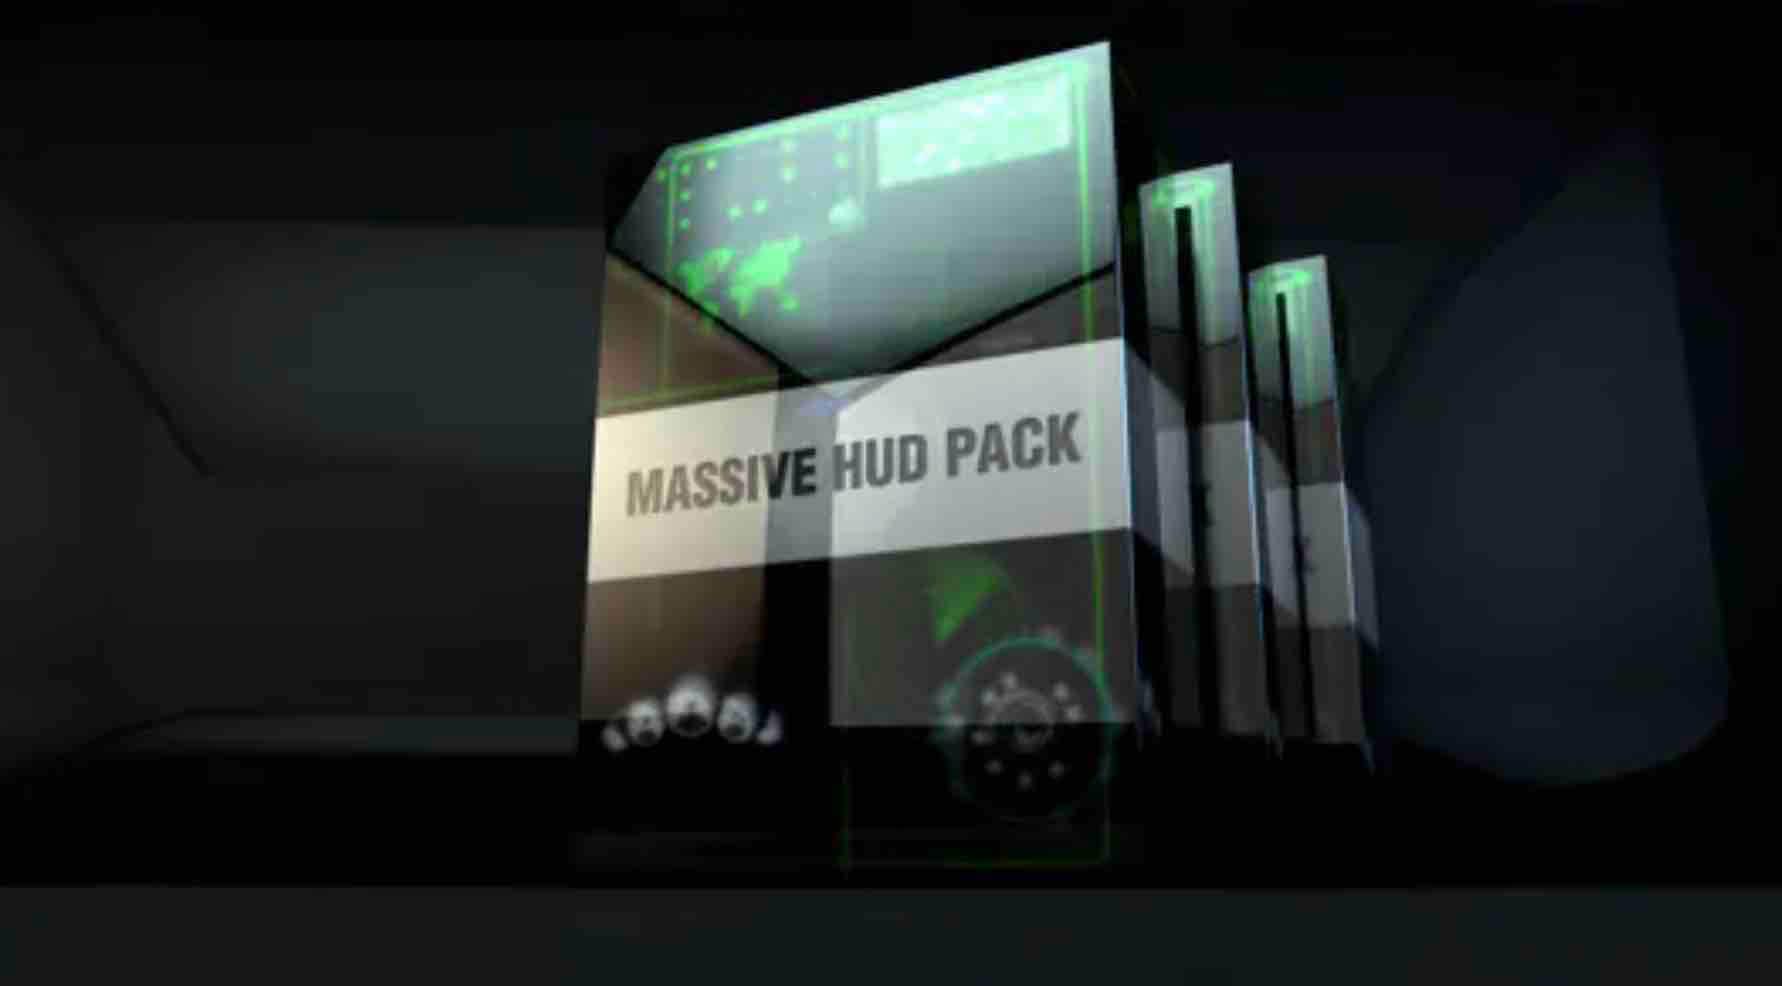 AE模板-大型Hud包